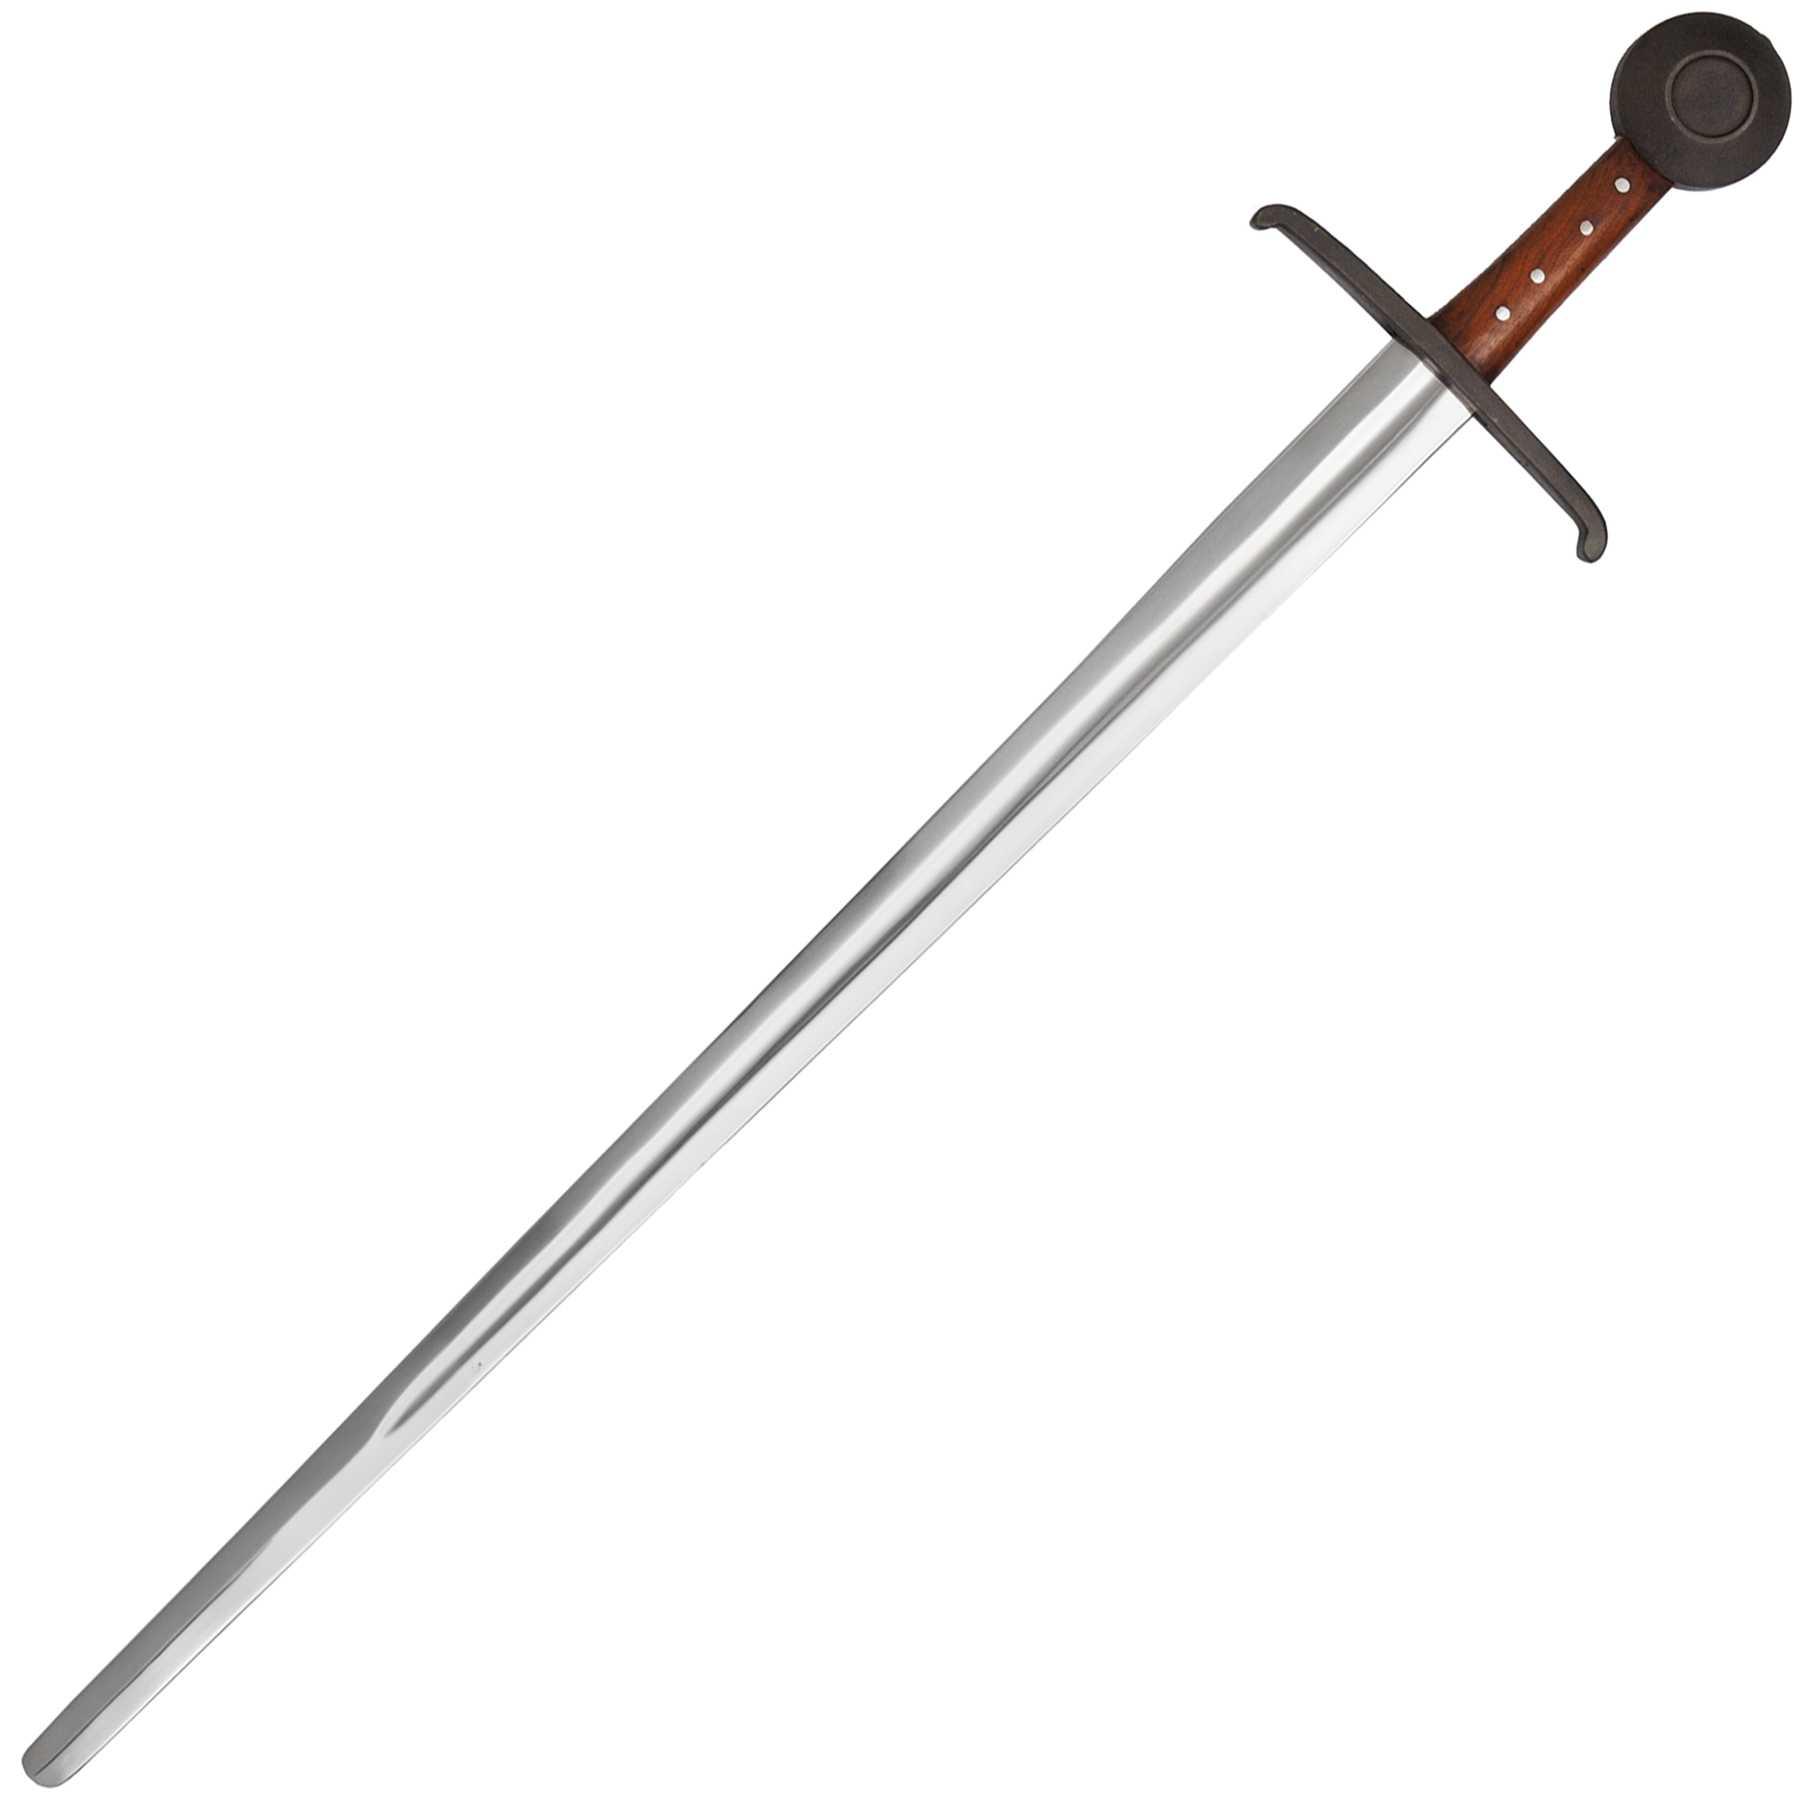 Schaukampfschwert Mittelalter